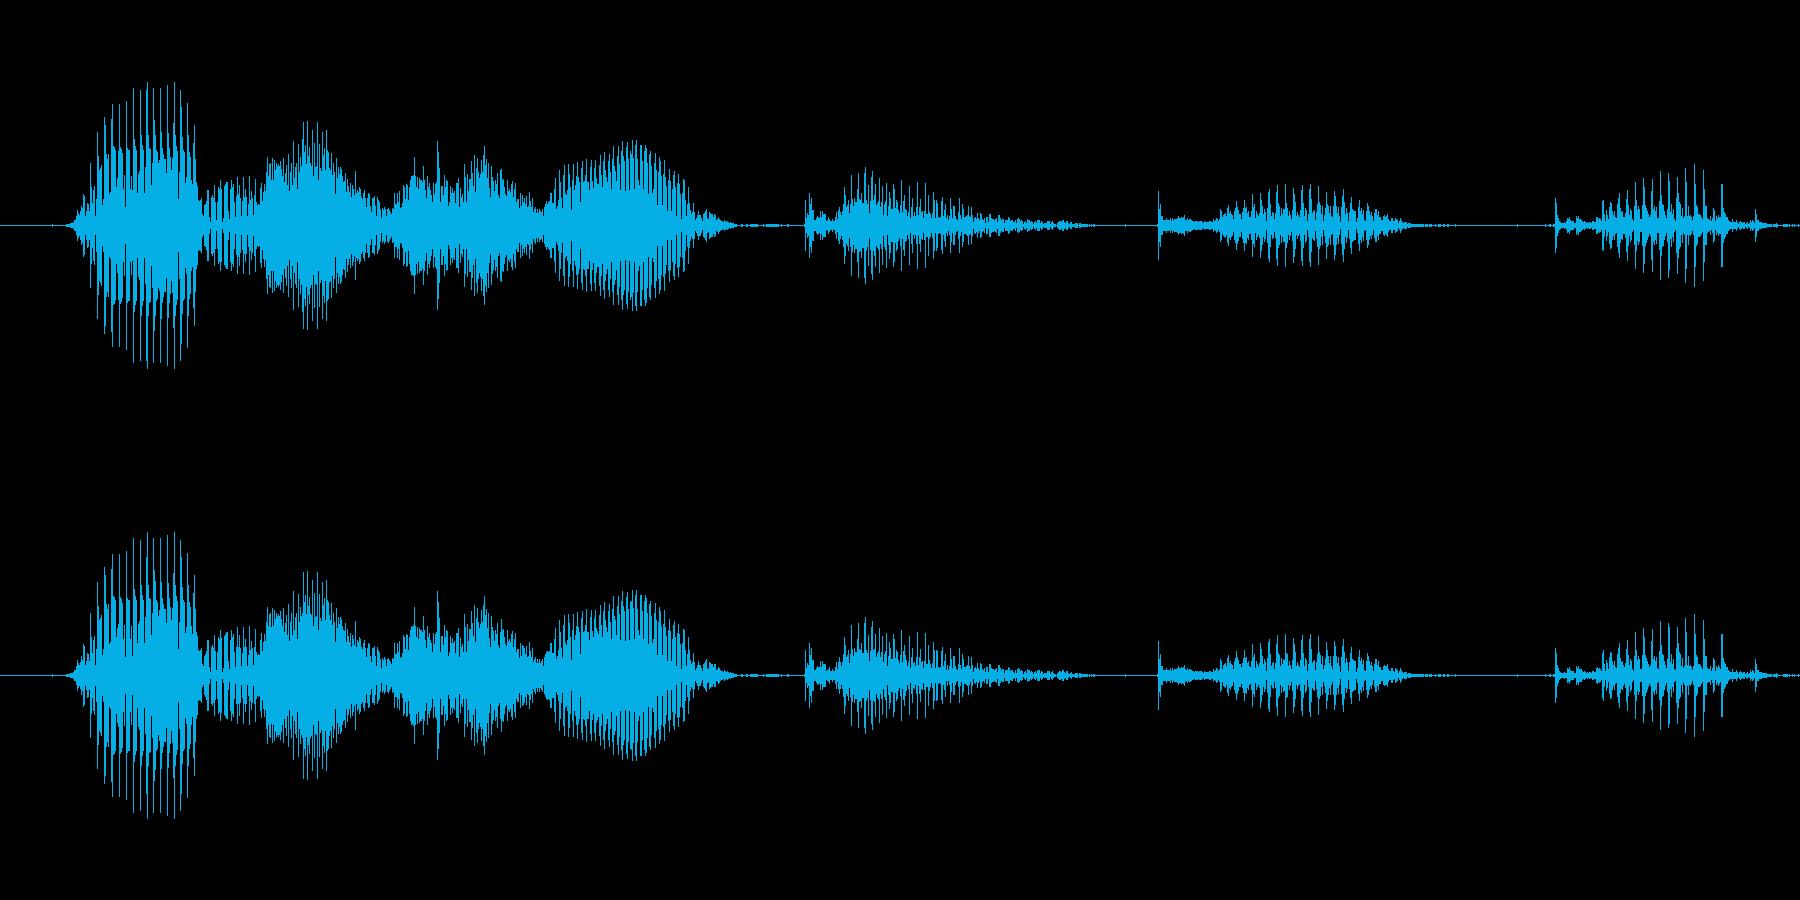 【日数・経過】7週間経過の再生済みの波形